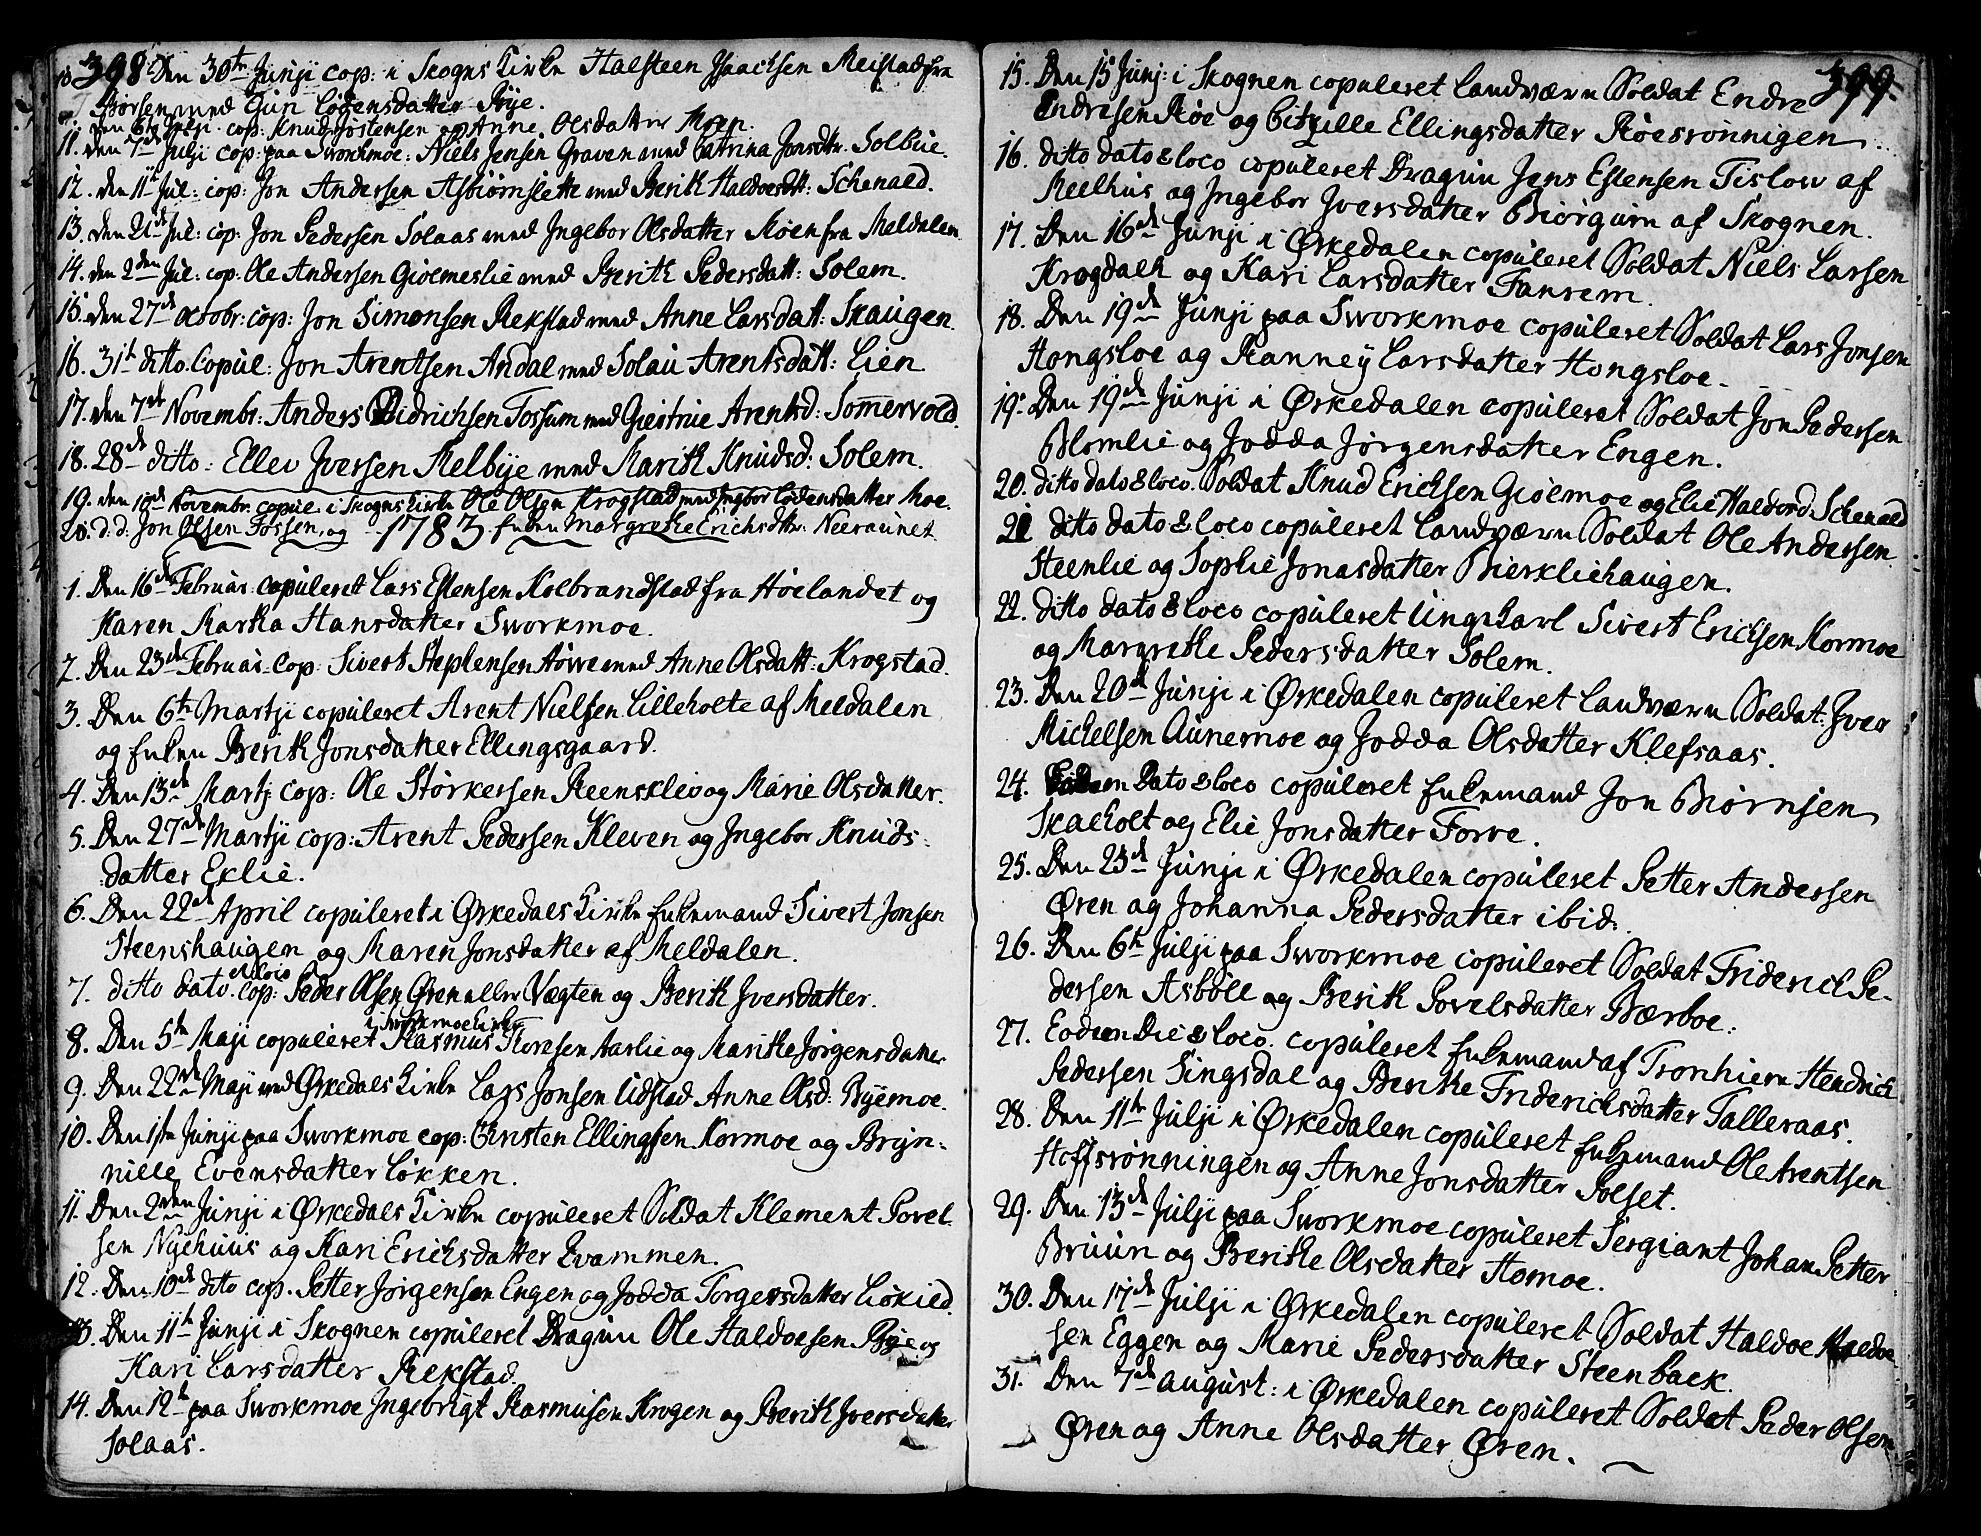 SAT, Ministerialprotokoller, klokkerbøker og fødselsregistre - Sør-Trøndelag, 668/L0802: Ministerialbok nr. 668A02, 1776-1799, s. 398-399